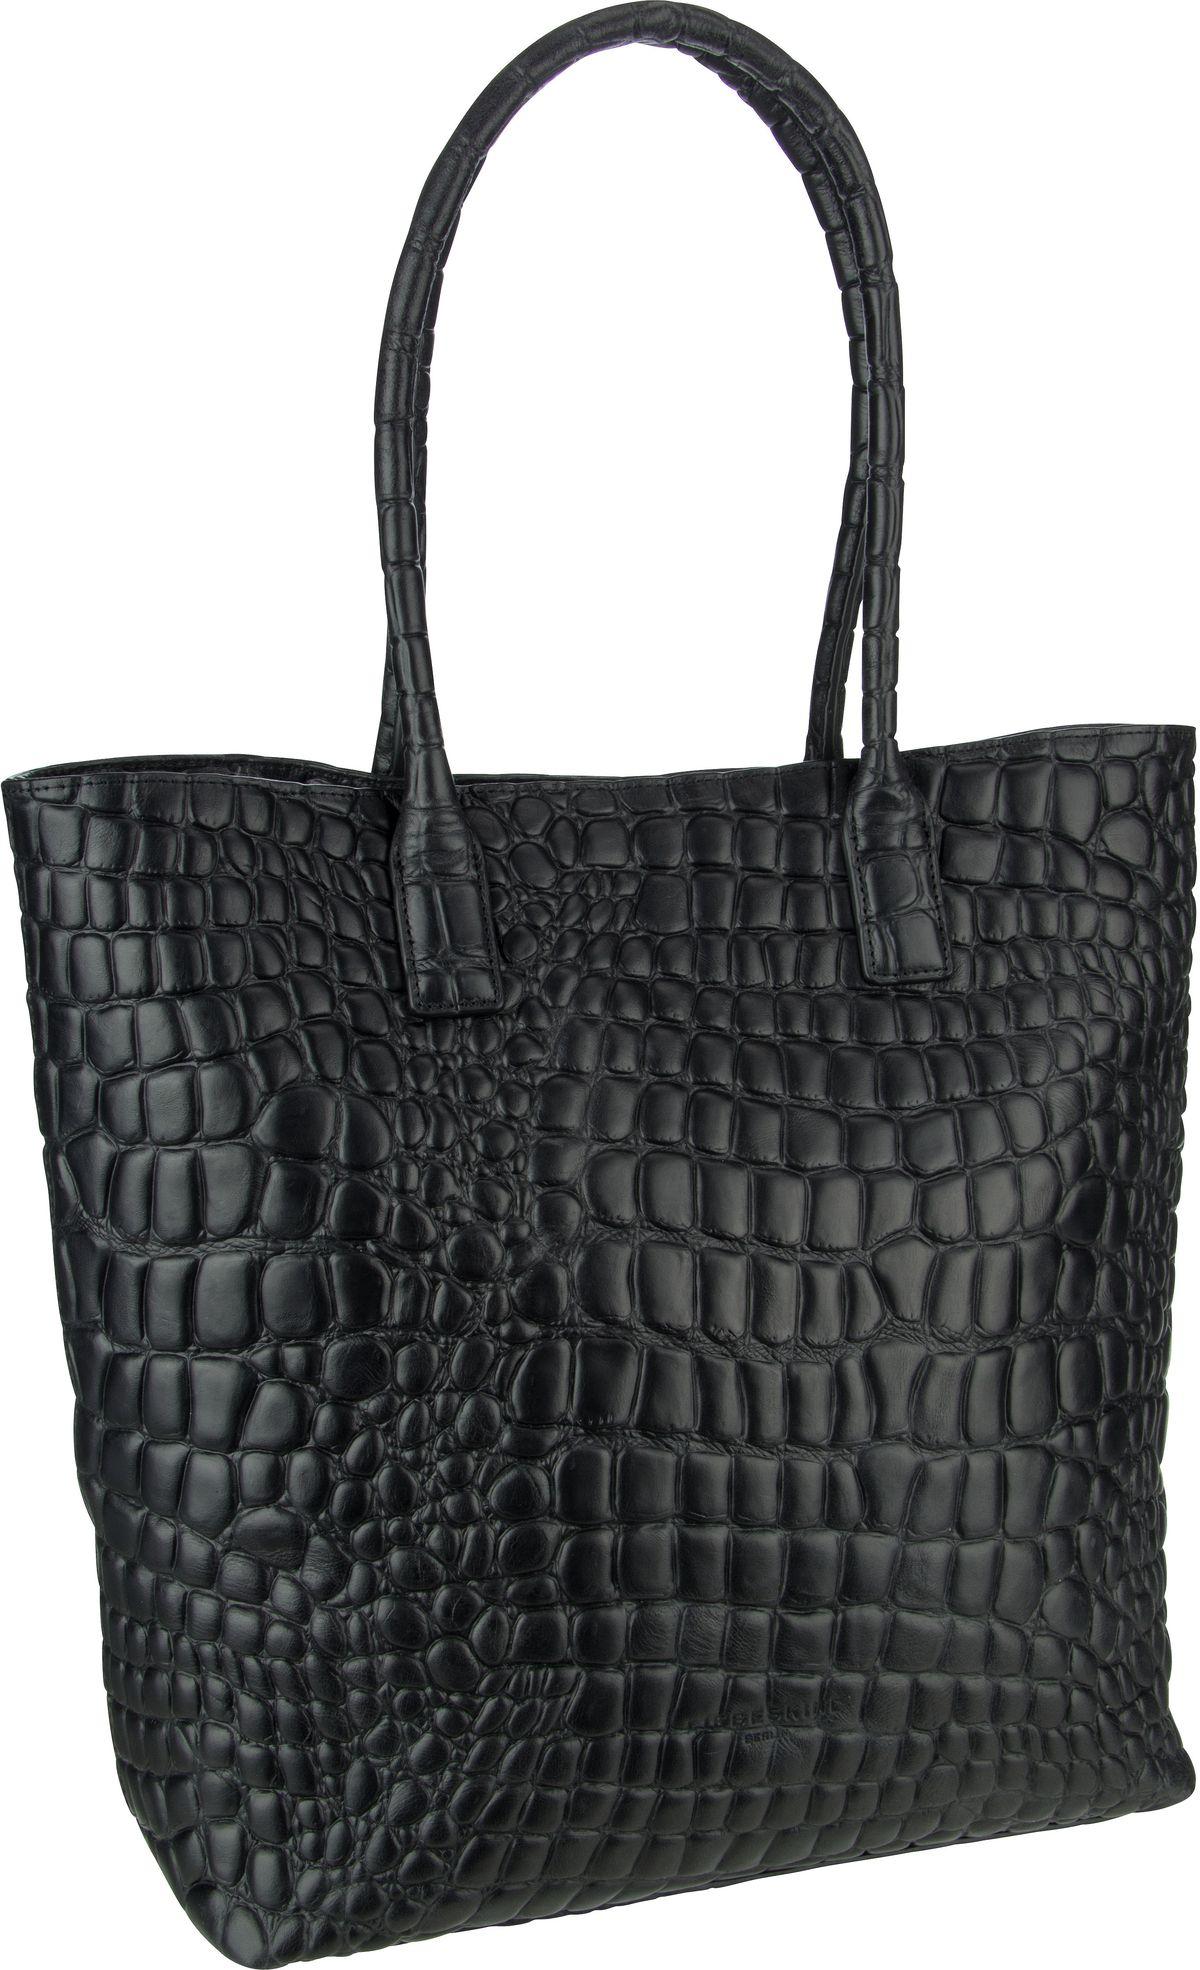 Berlin Handtasche Malibu Tote L Black